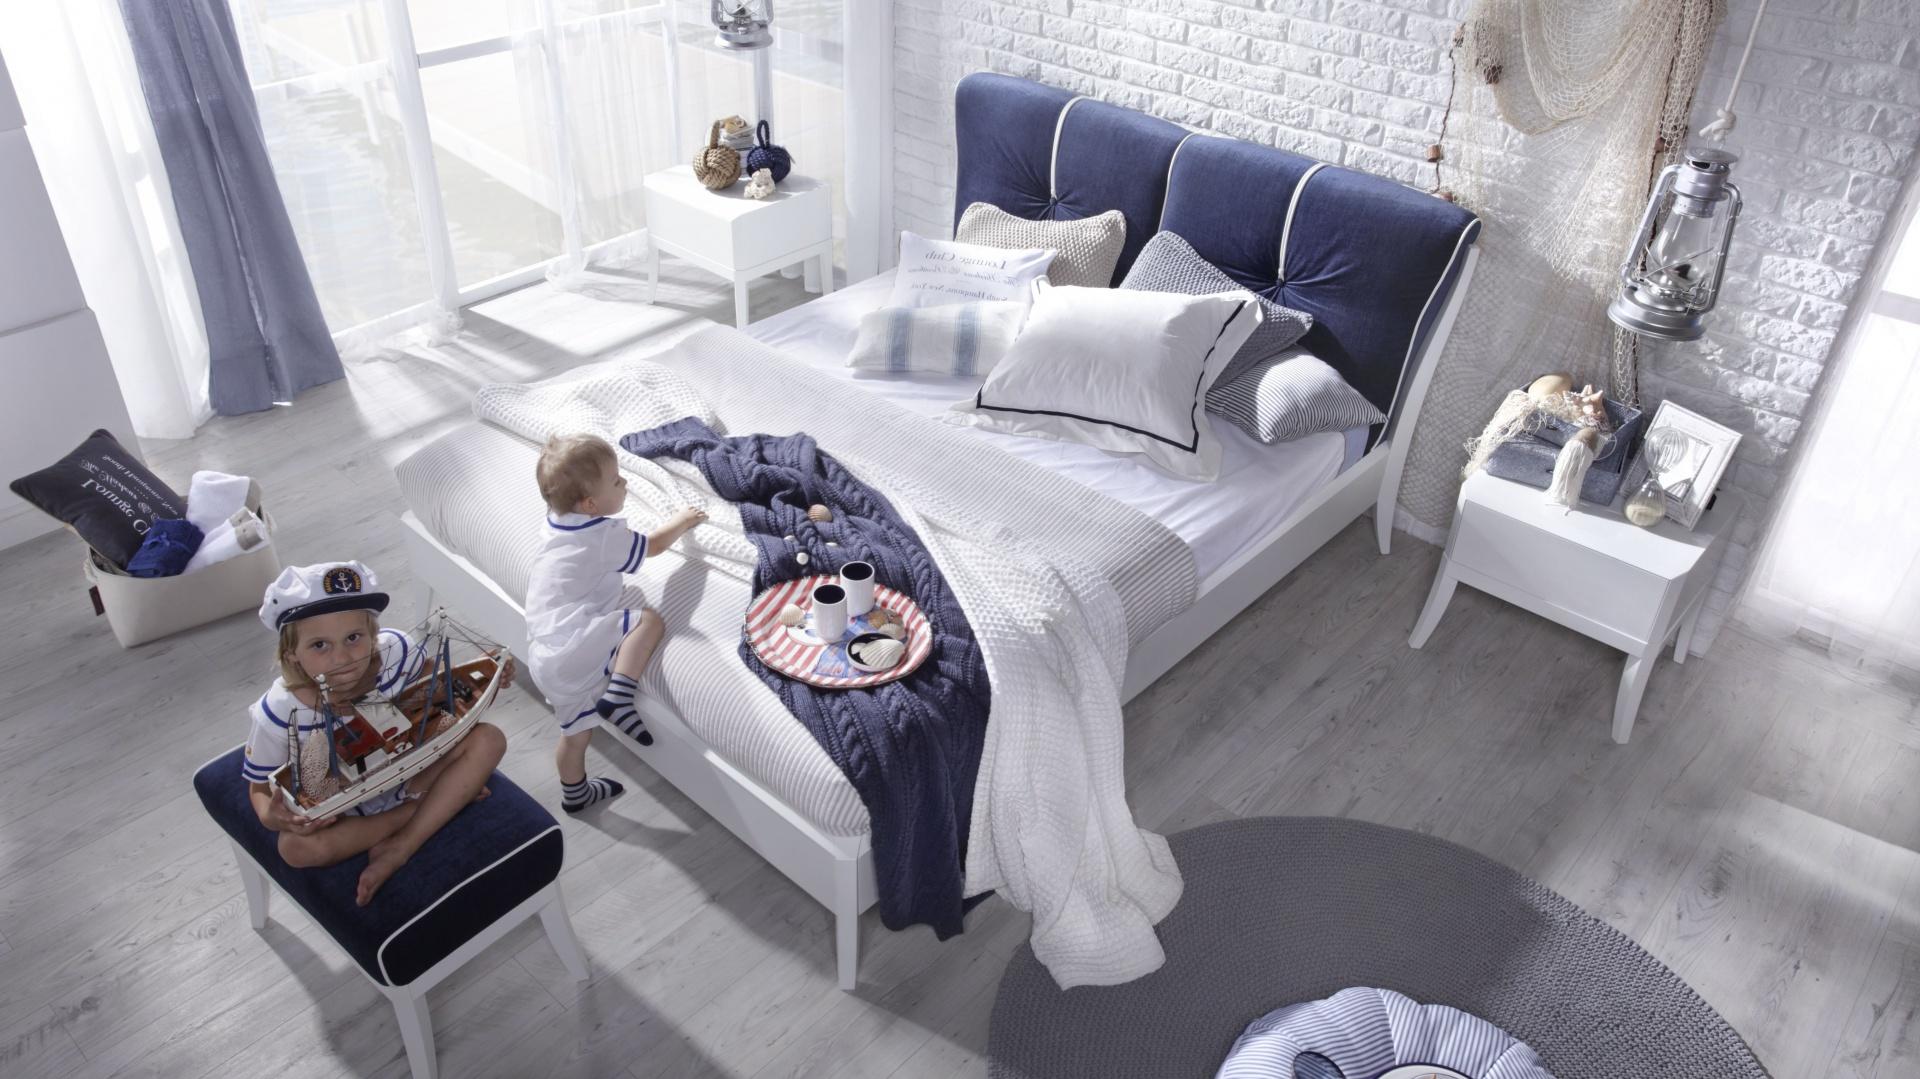 Łóżko Dream Luxury Marina pasuje do sypialni w marynistycznym stylu. To eleganckie połączenie bieli i odcieni niebieskiego. Fot. Swarzędz Home.